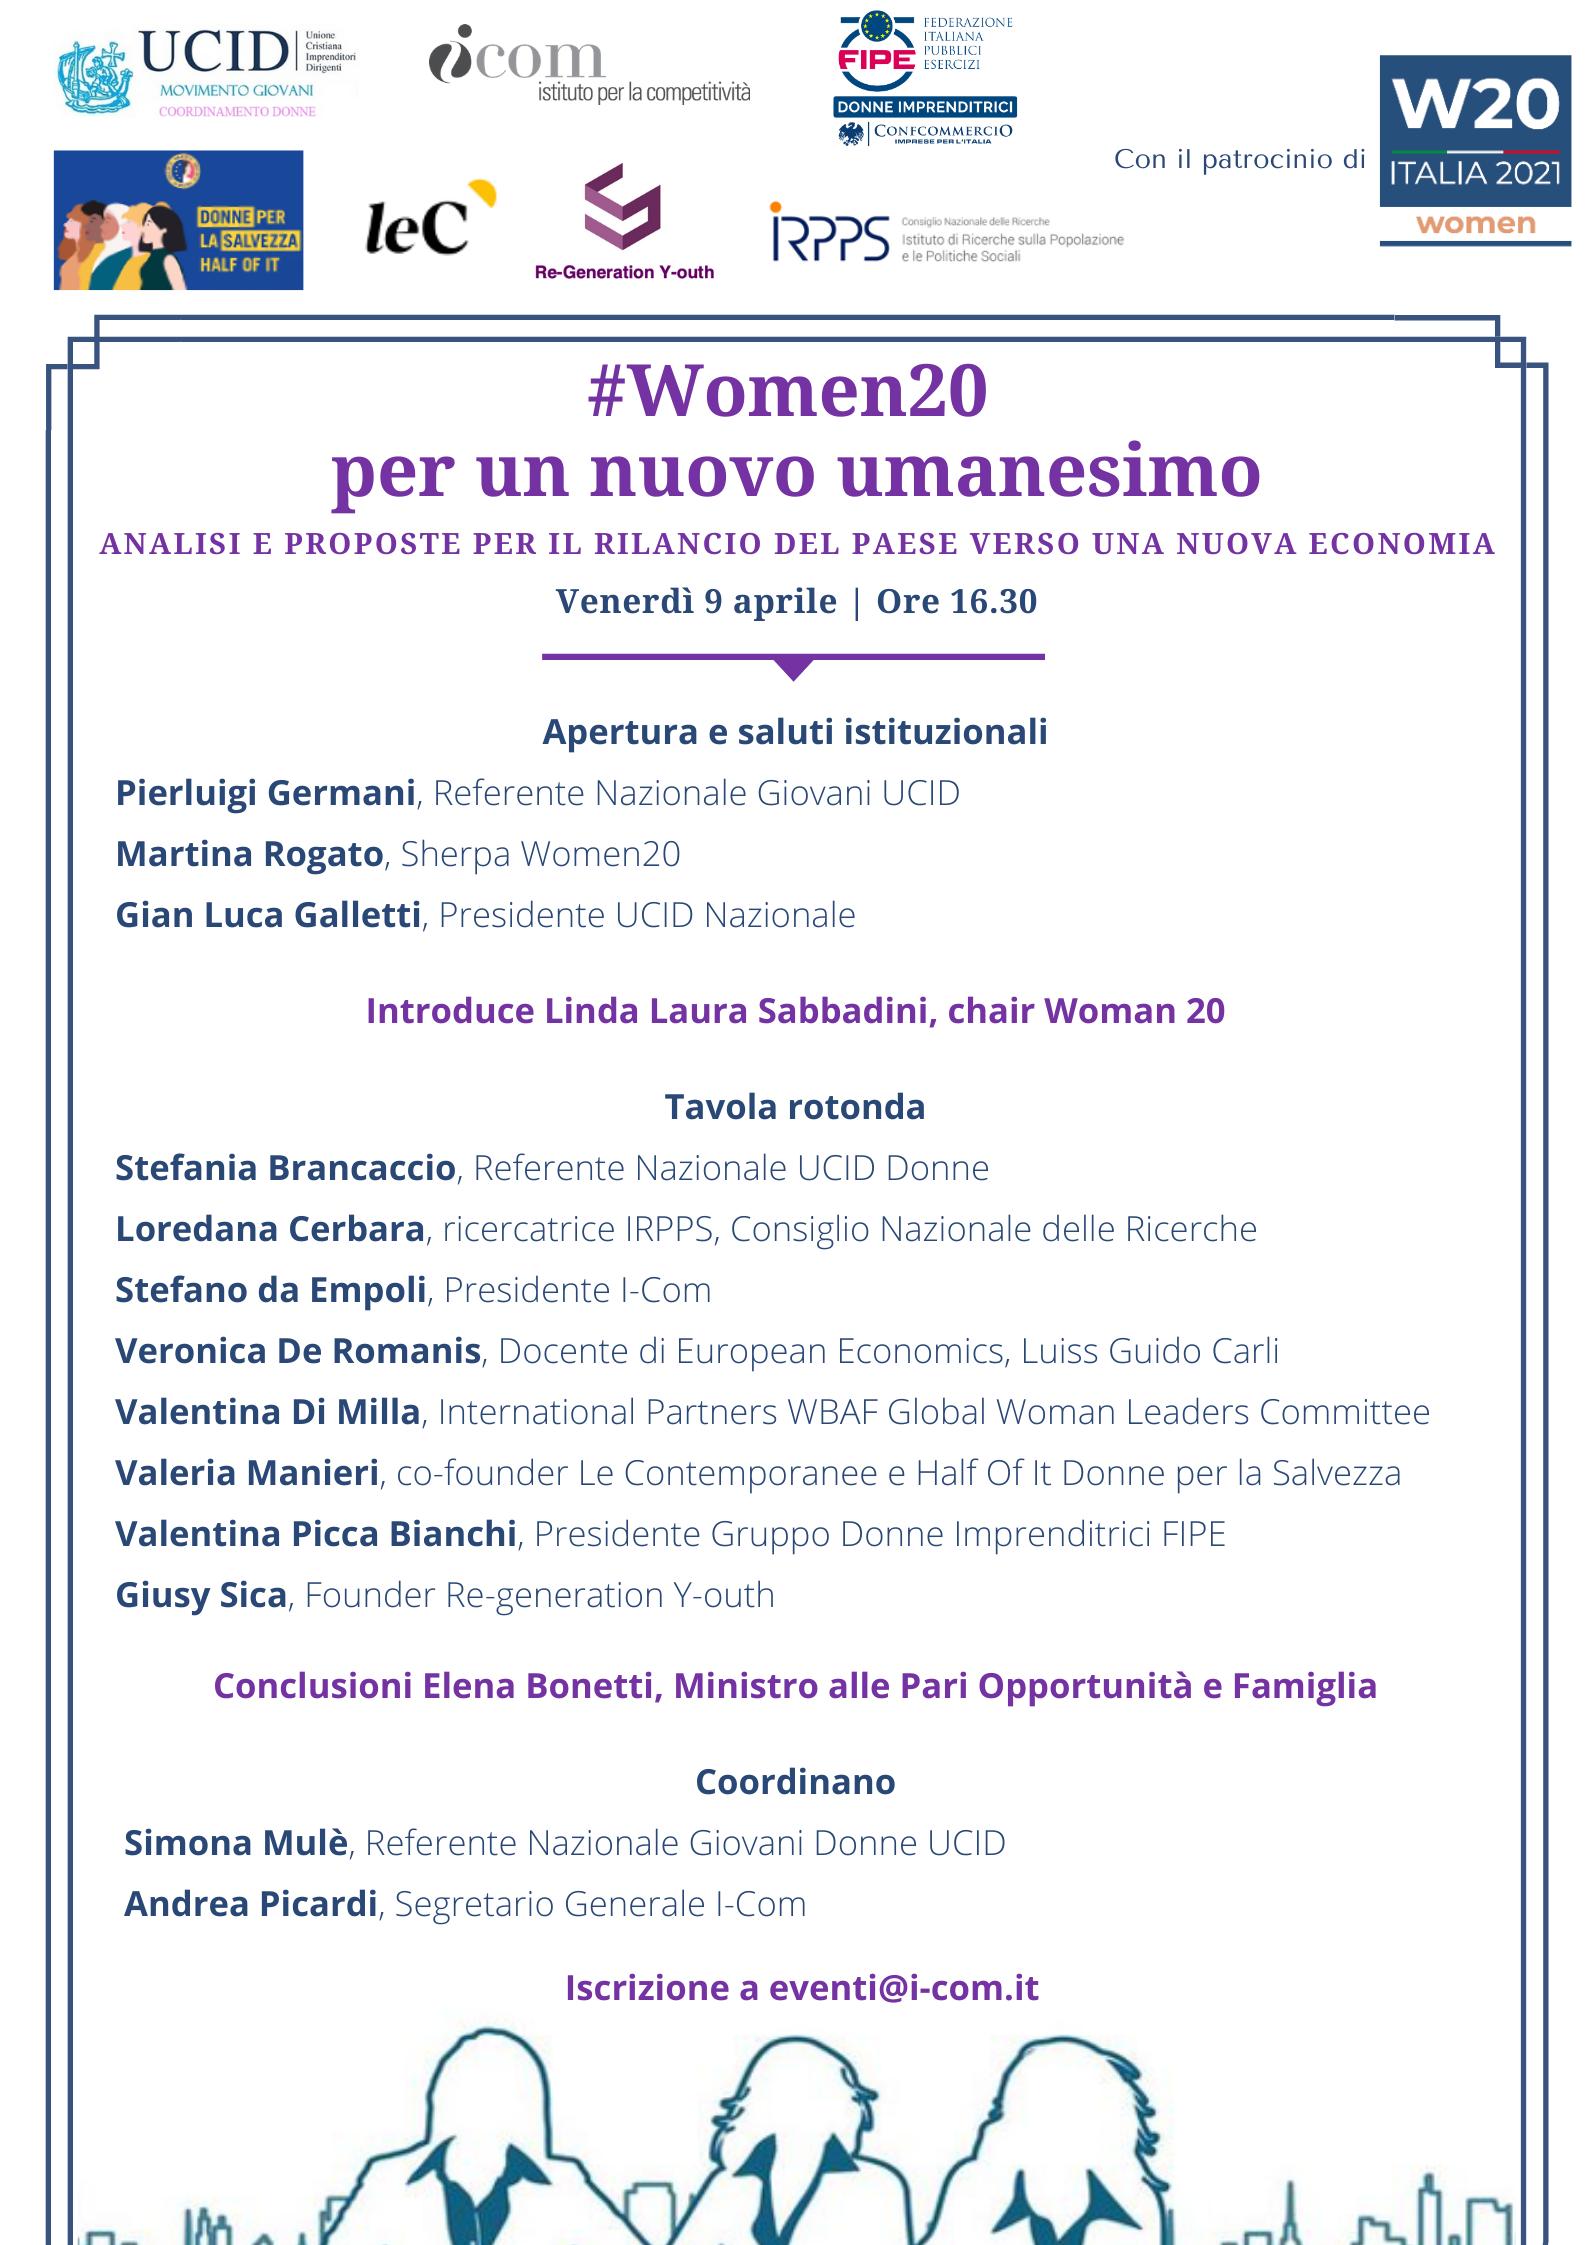 #Women20 per un nuovo umanesimo - 9 aprile, ore 16.30